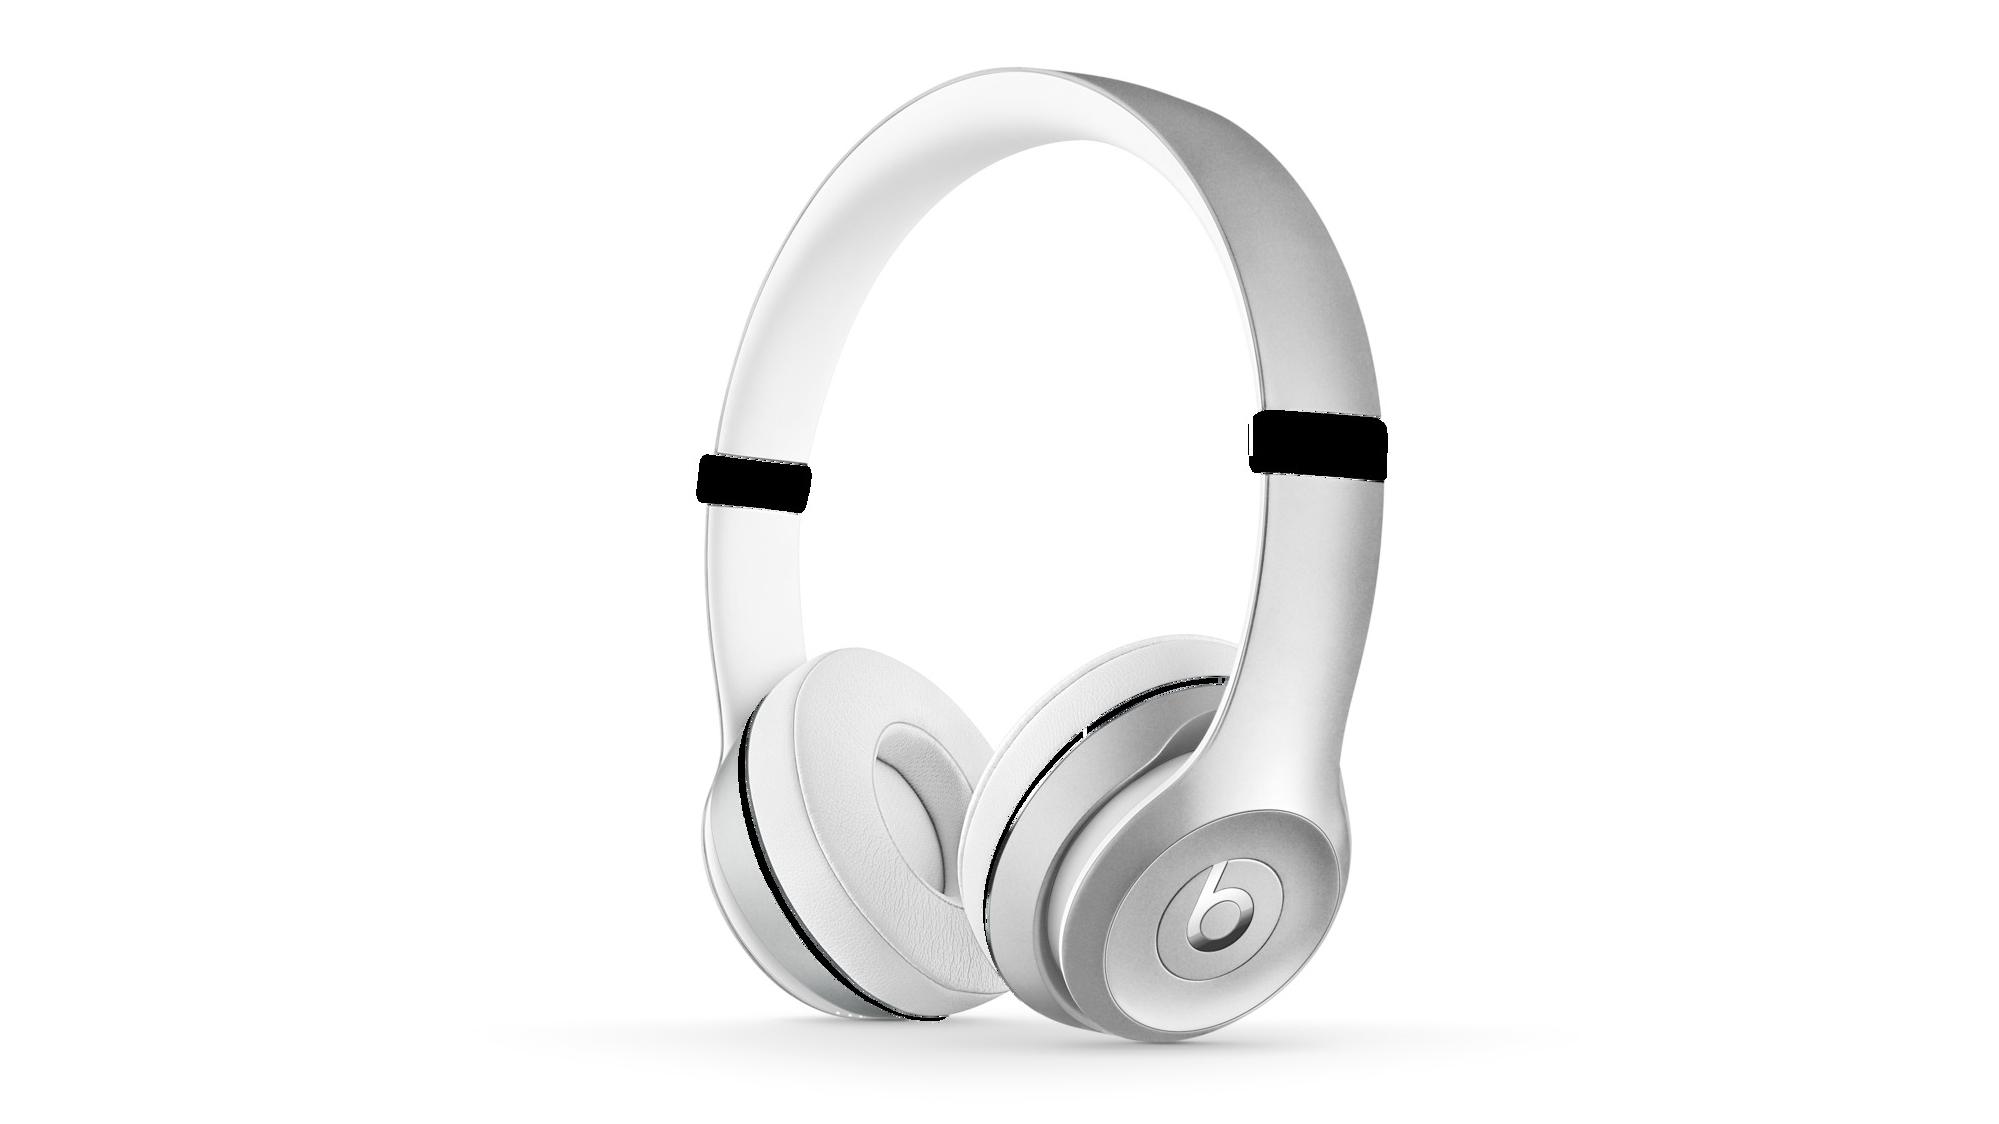 beb222f14da Cheap Beats Solo3 Wireless On-Ear Headphone – Silver | Harvey Norman AU